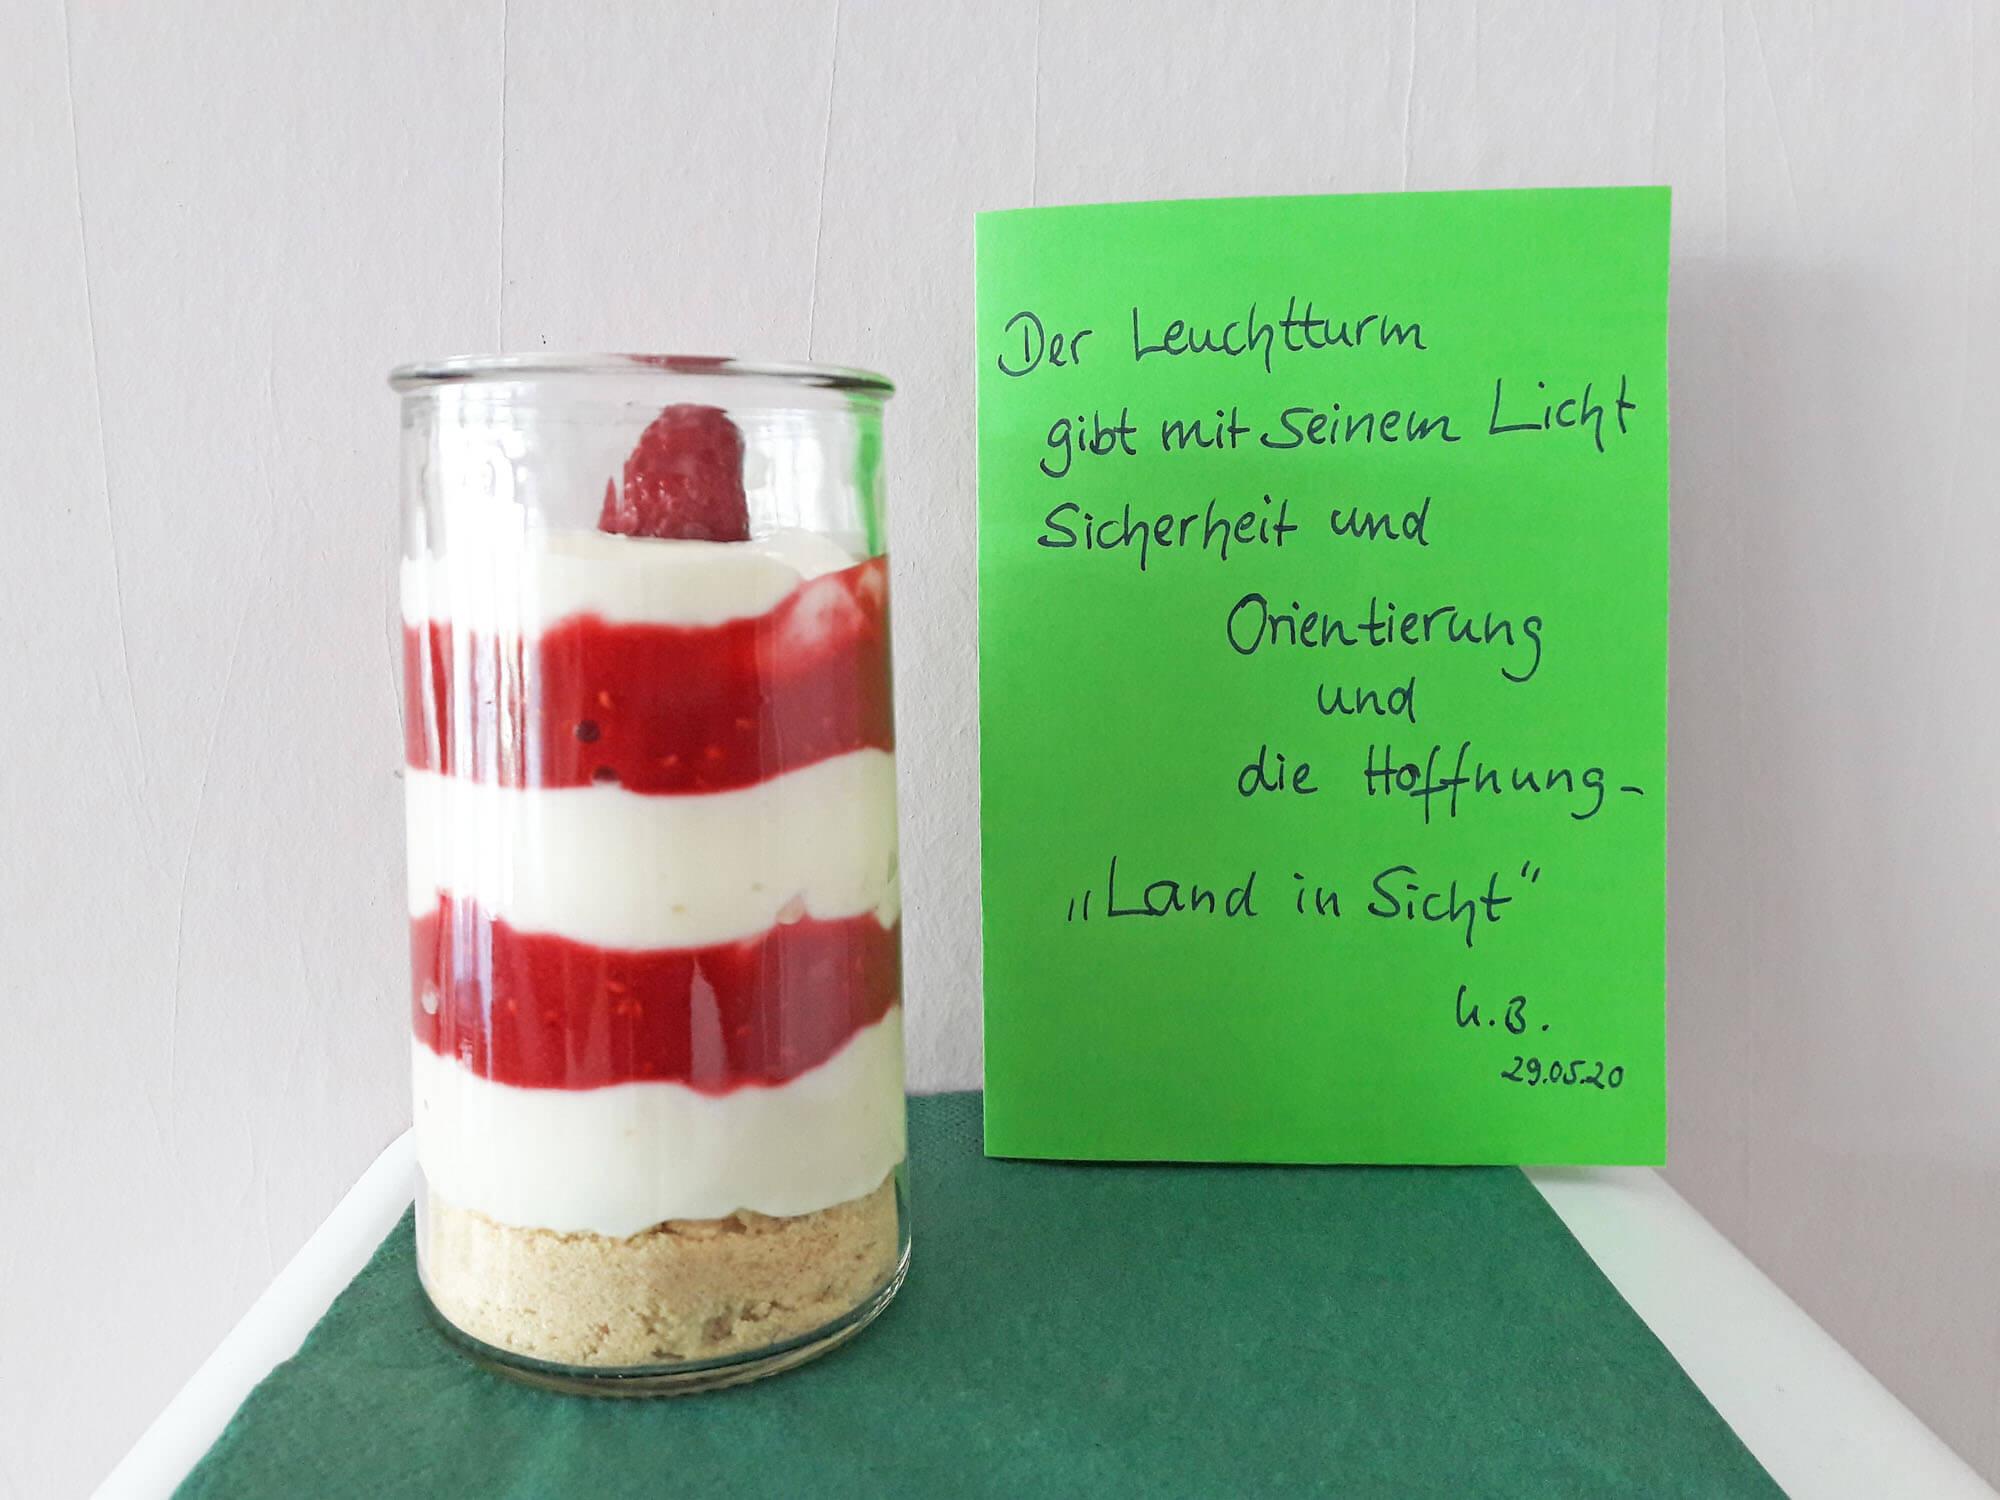 13c Dessert_Leuchttürme, Ute Both #tagdernachbarn